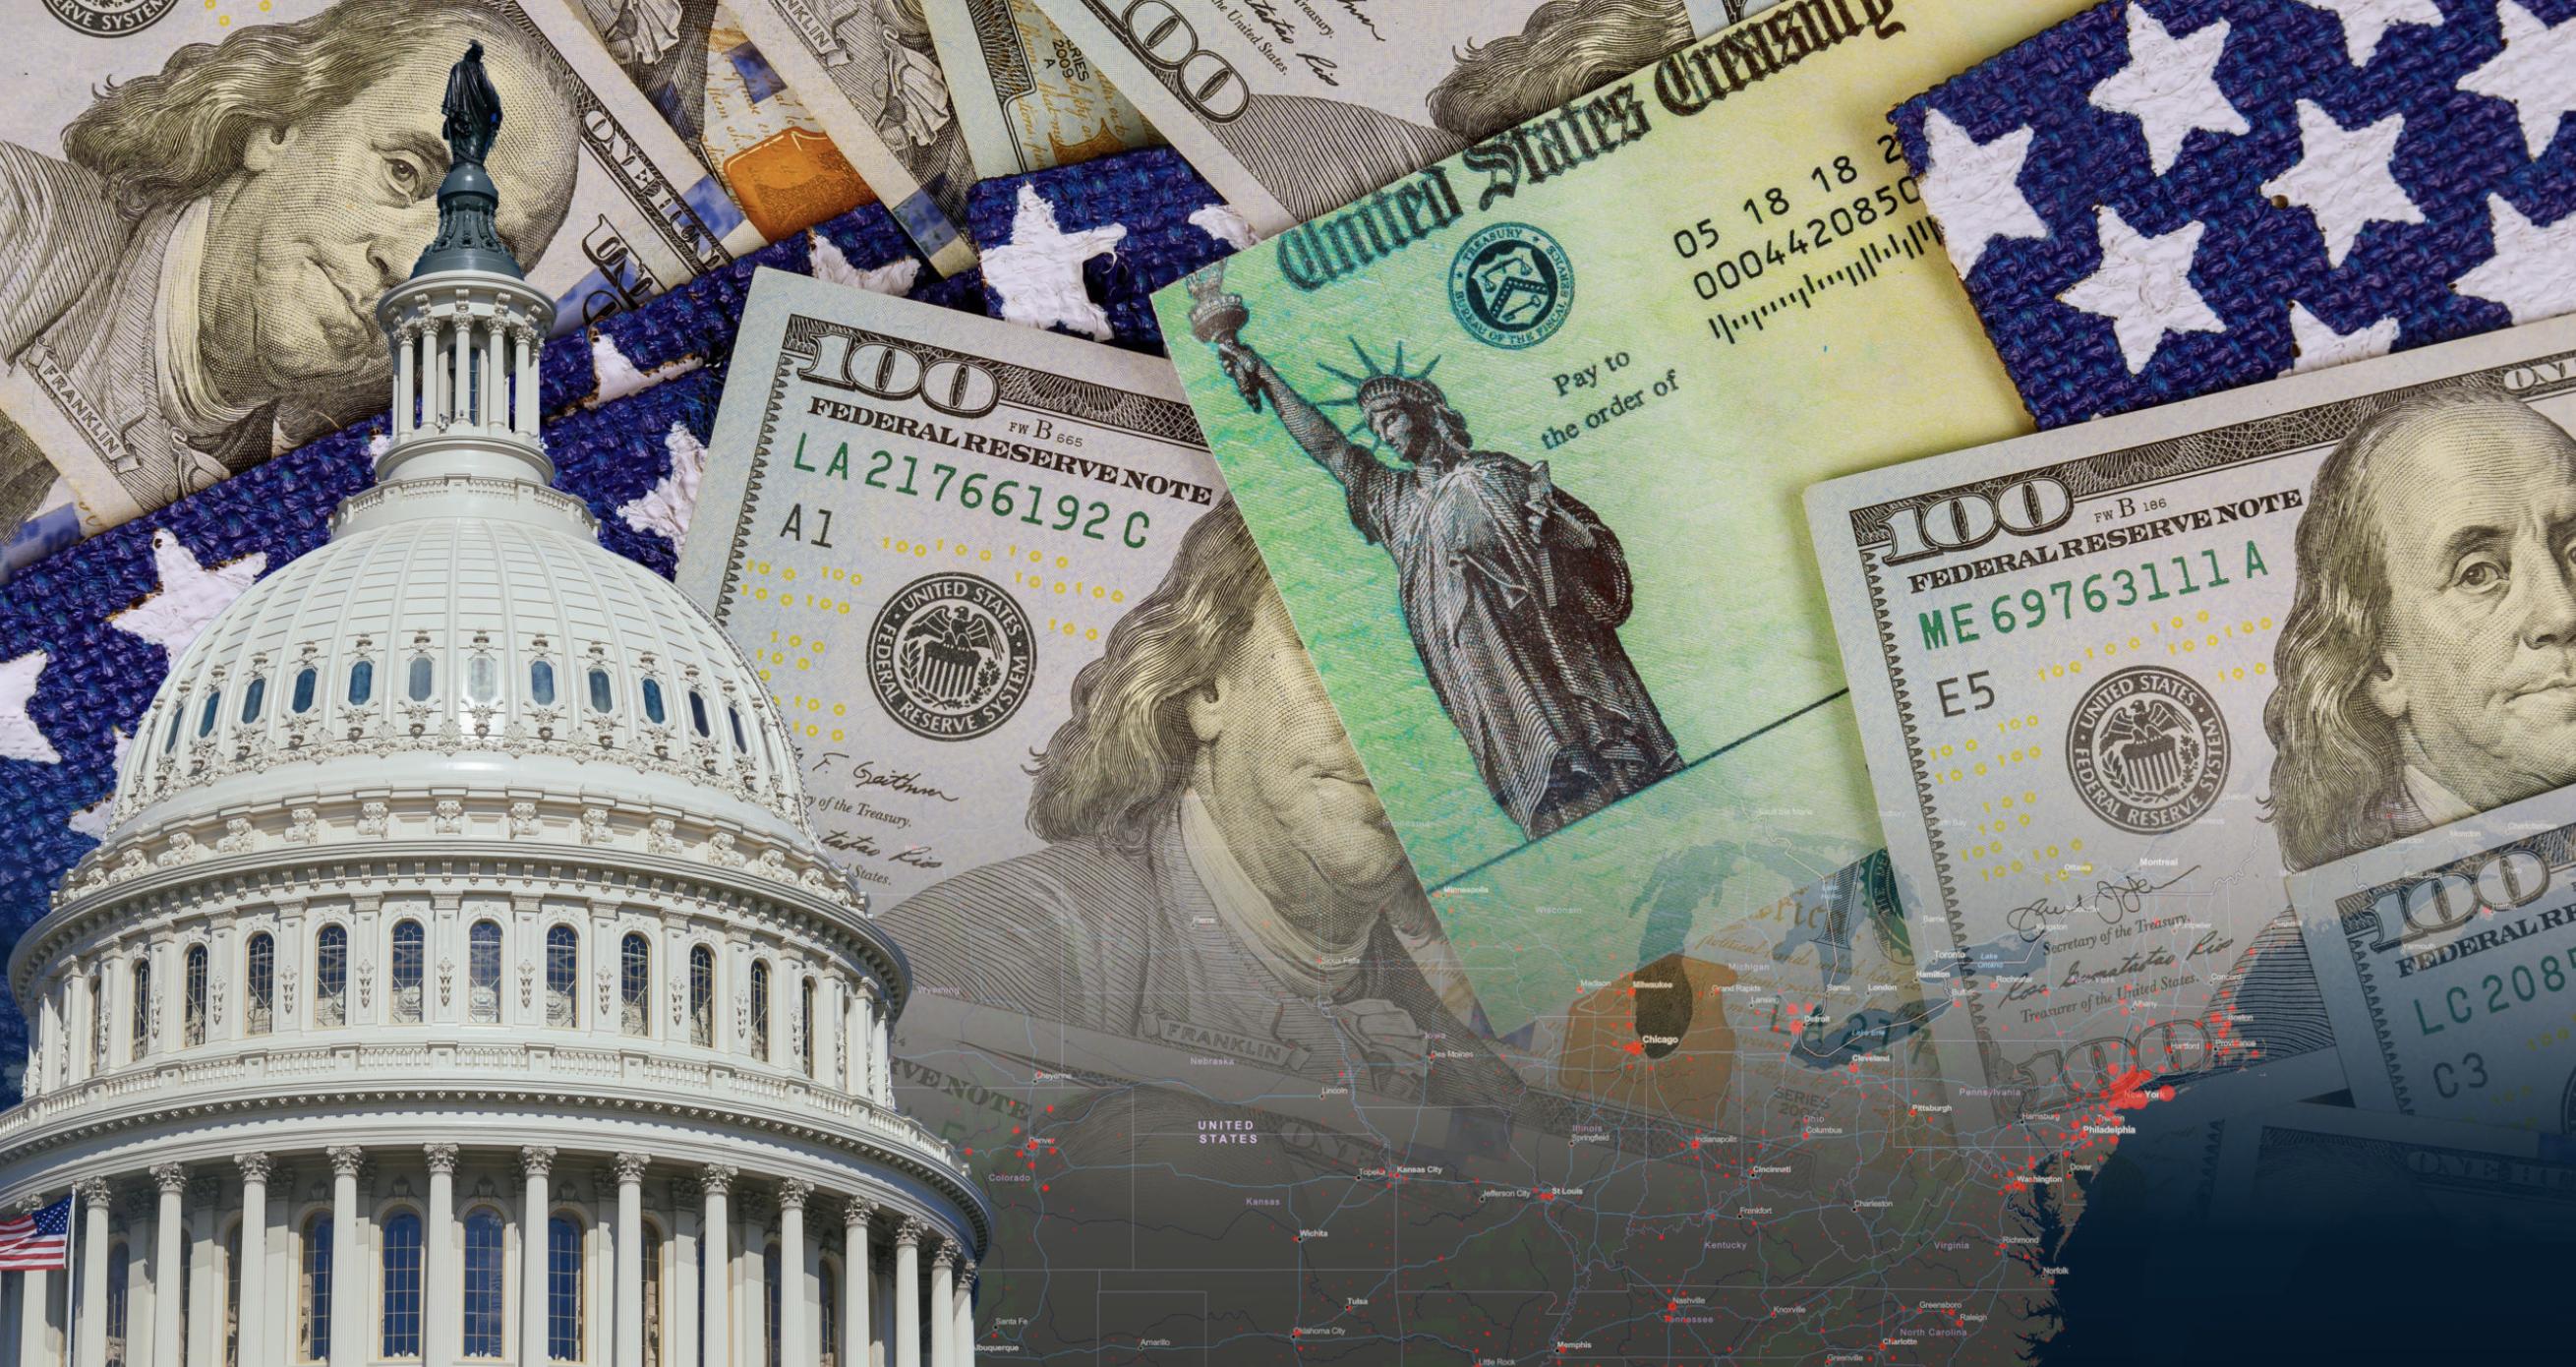 Illegal Immigrants stimulus checks